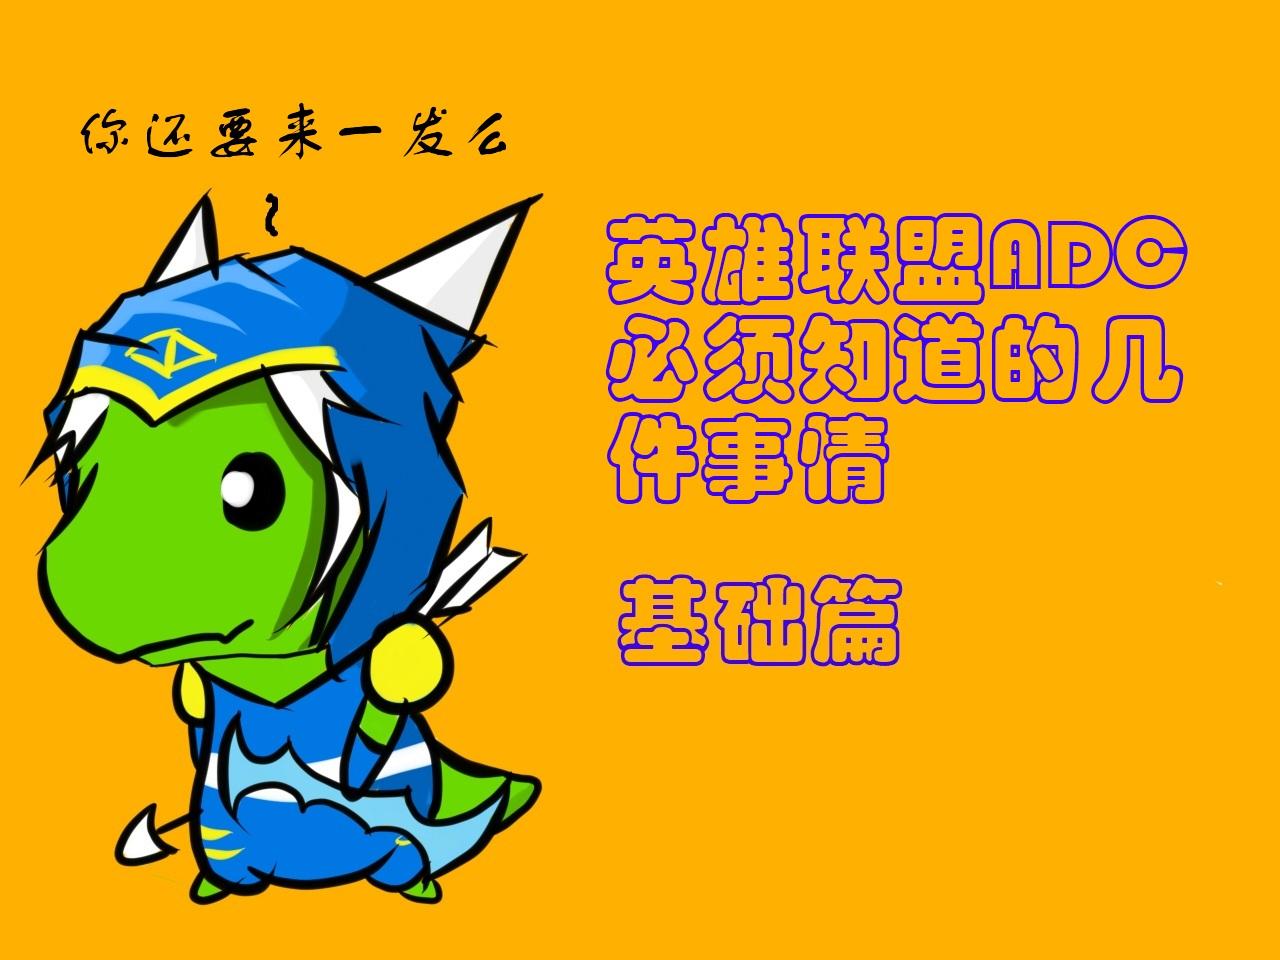 i_38_520b53b959946.jpeg